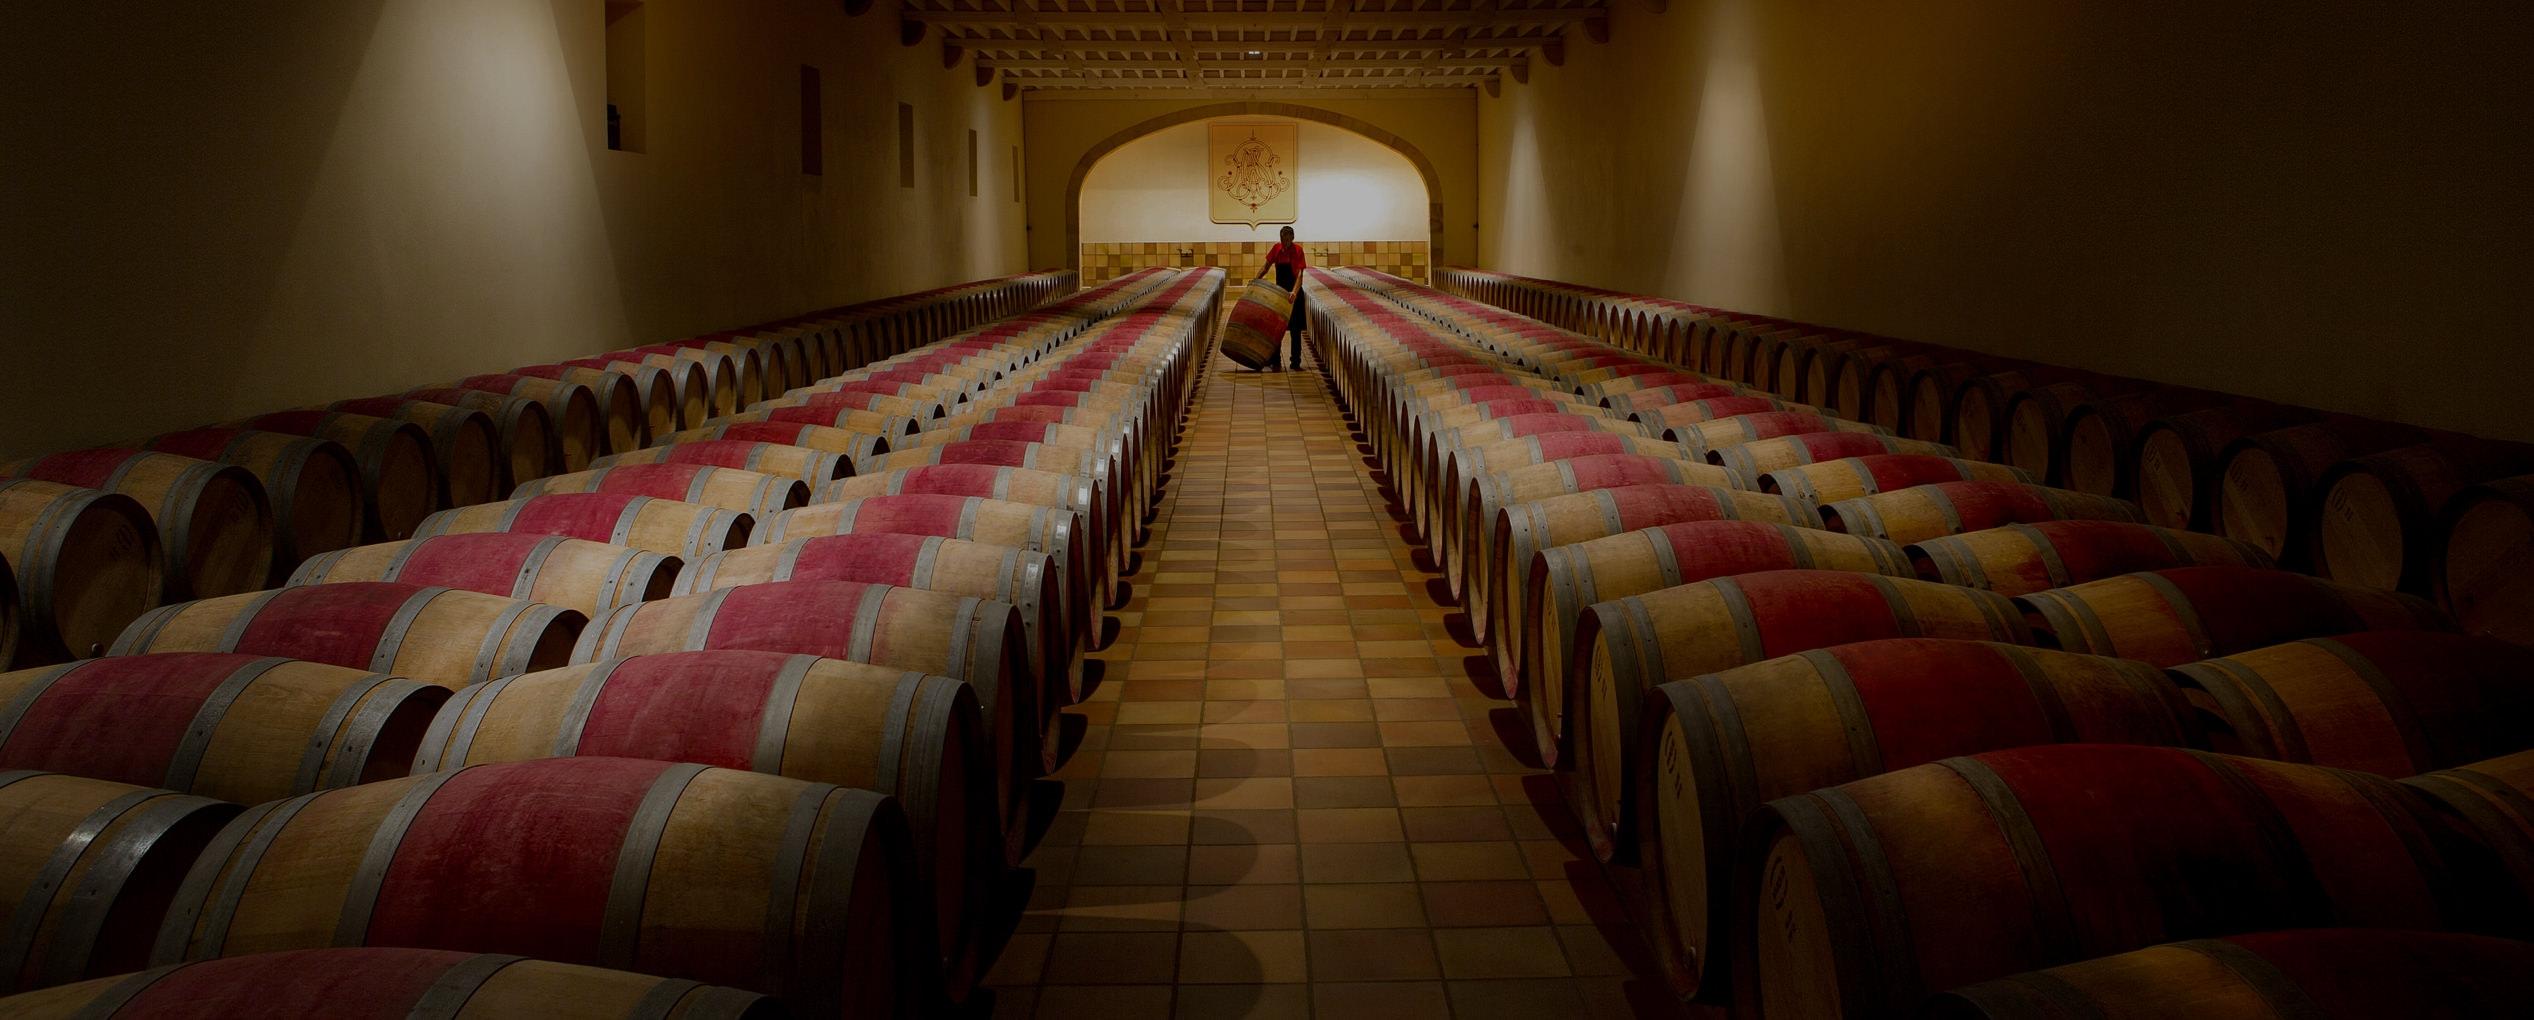 Bordeaux wine barrels (photo: UGCB)